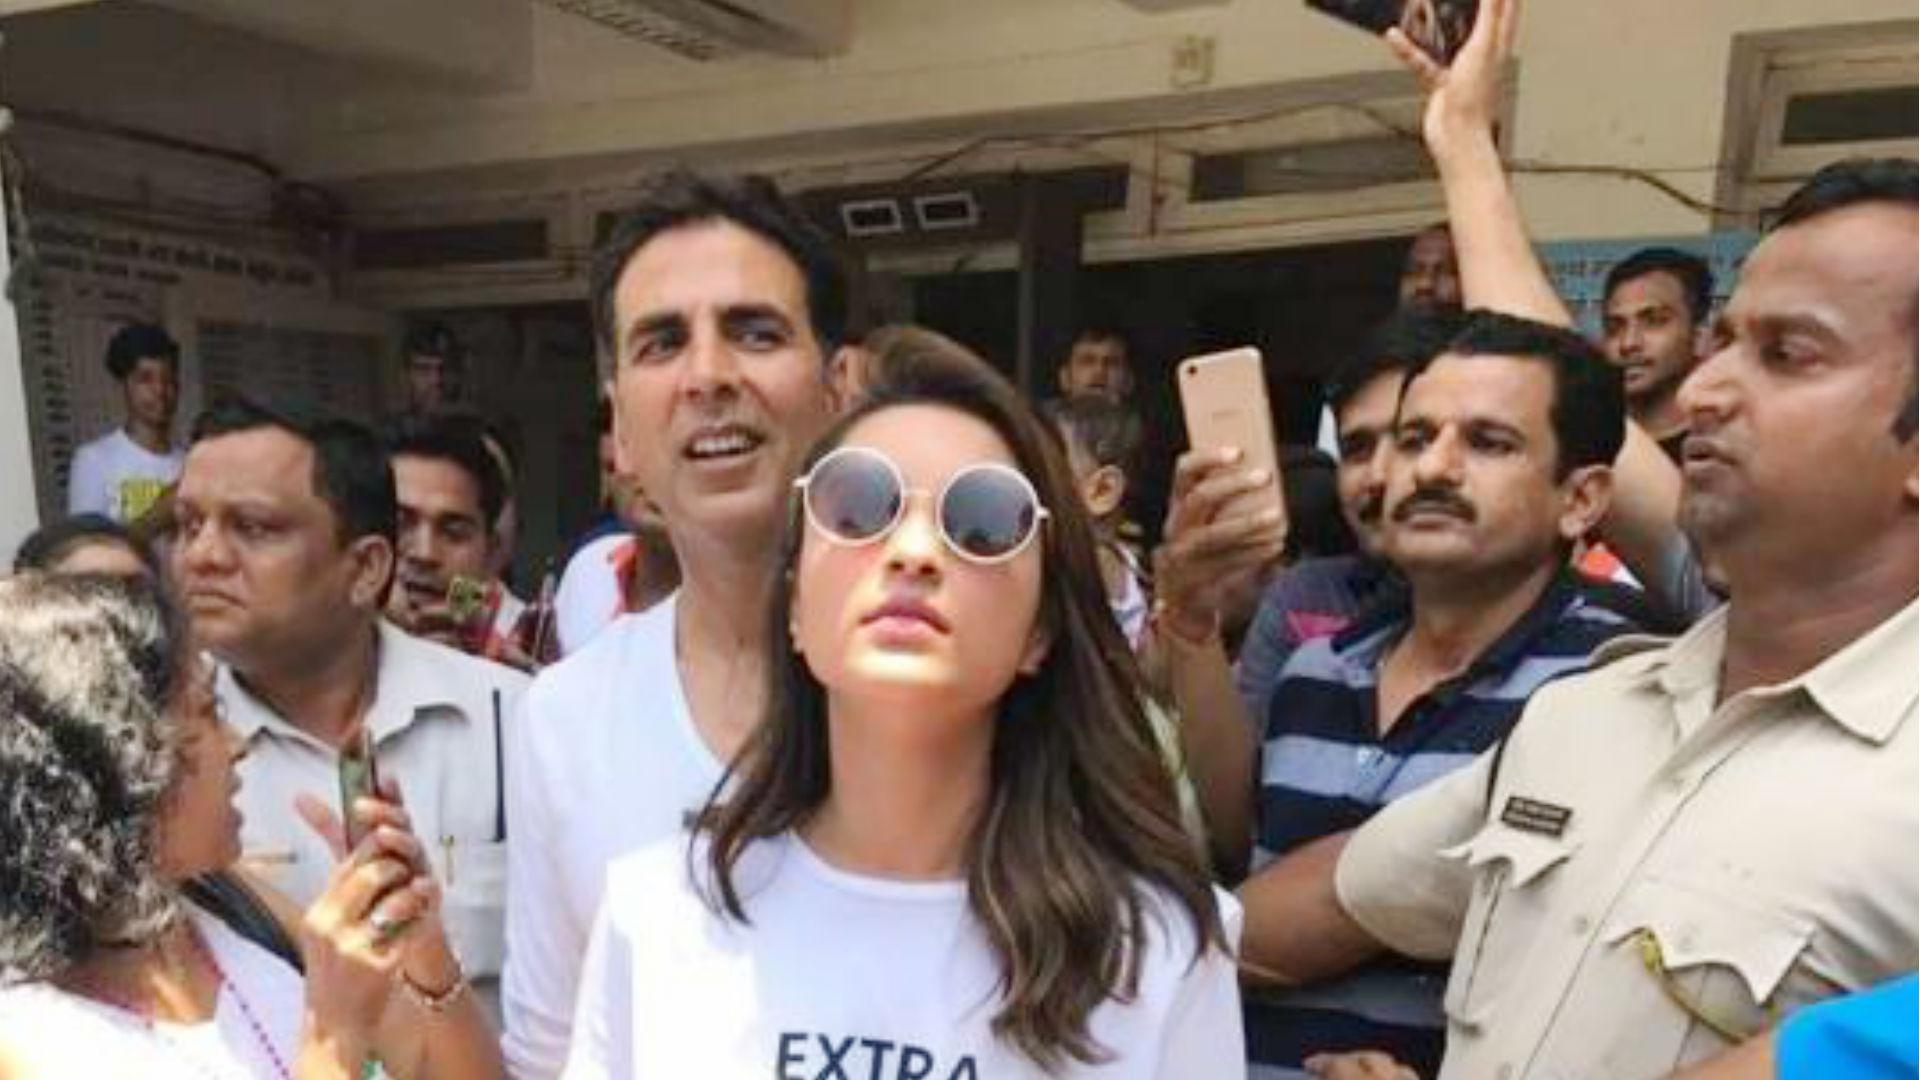 एक्सक्लूसिवः बॉलीवुड में किस तरह मिलती हैं फिल्में? कितनी जरूरी है नेटवर्किंग? जानिए परिणीति चोपड़ा का जवाब